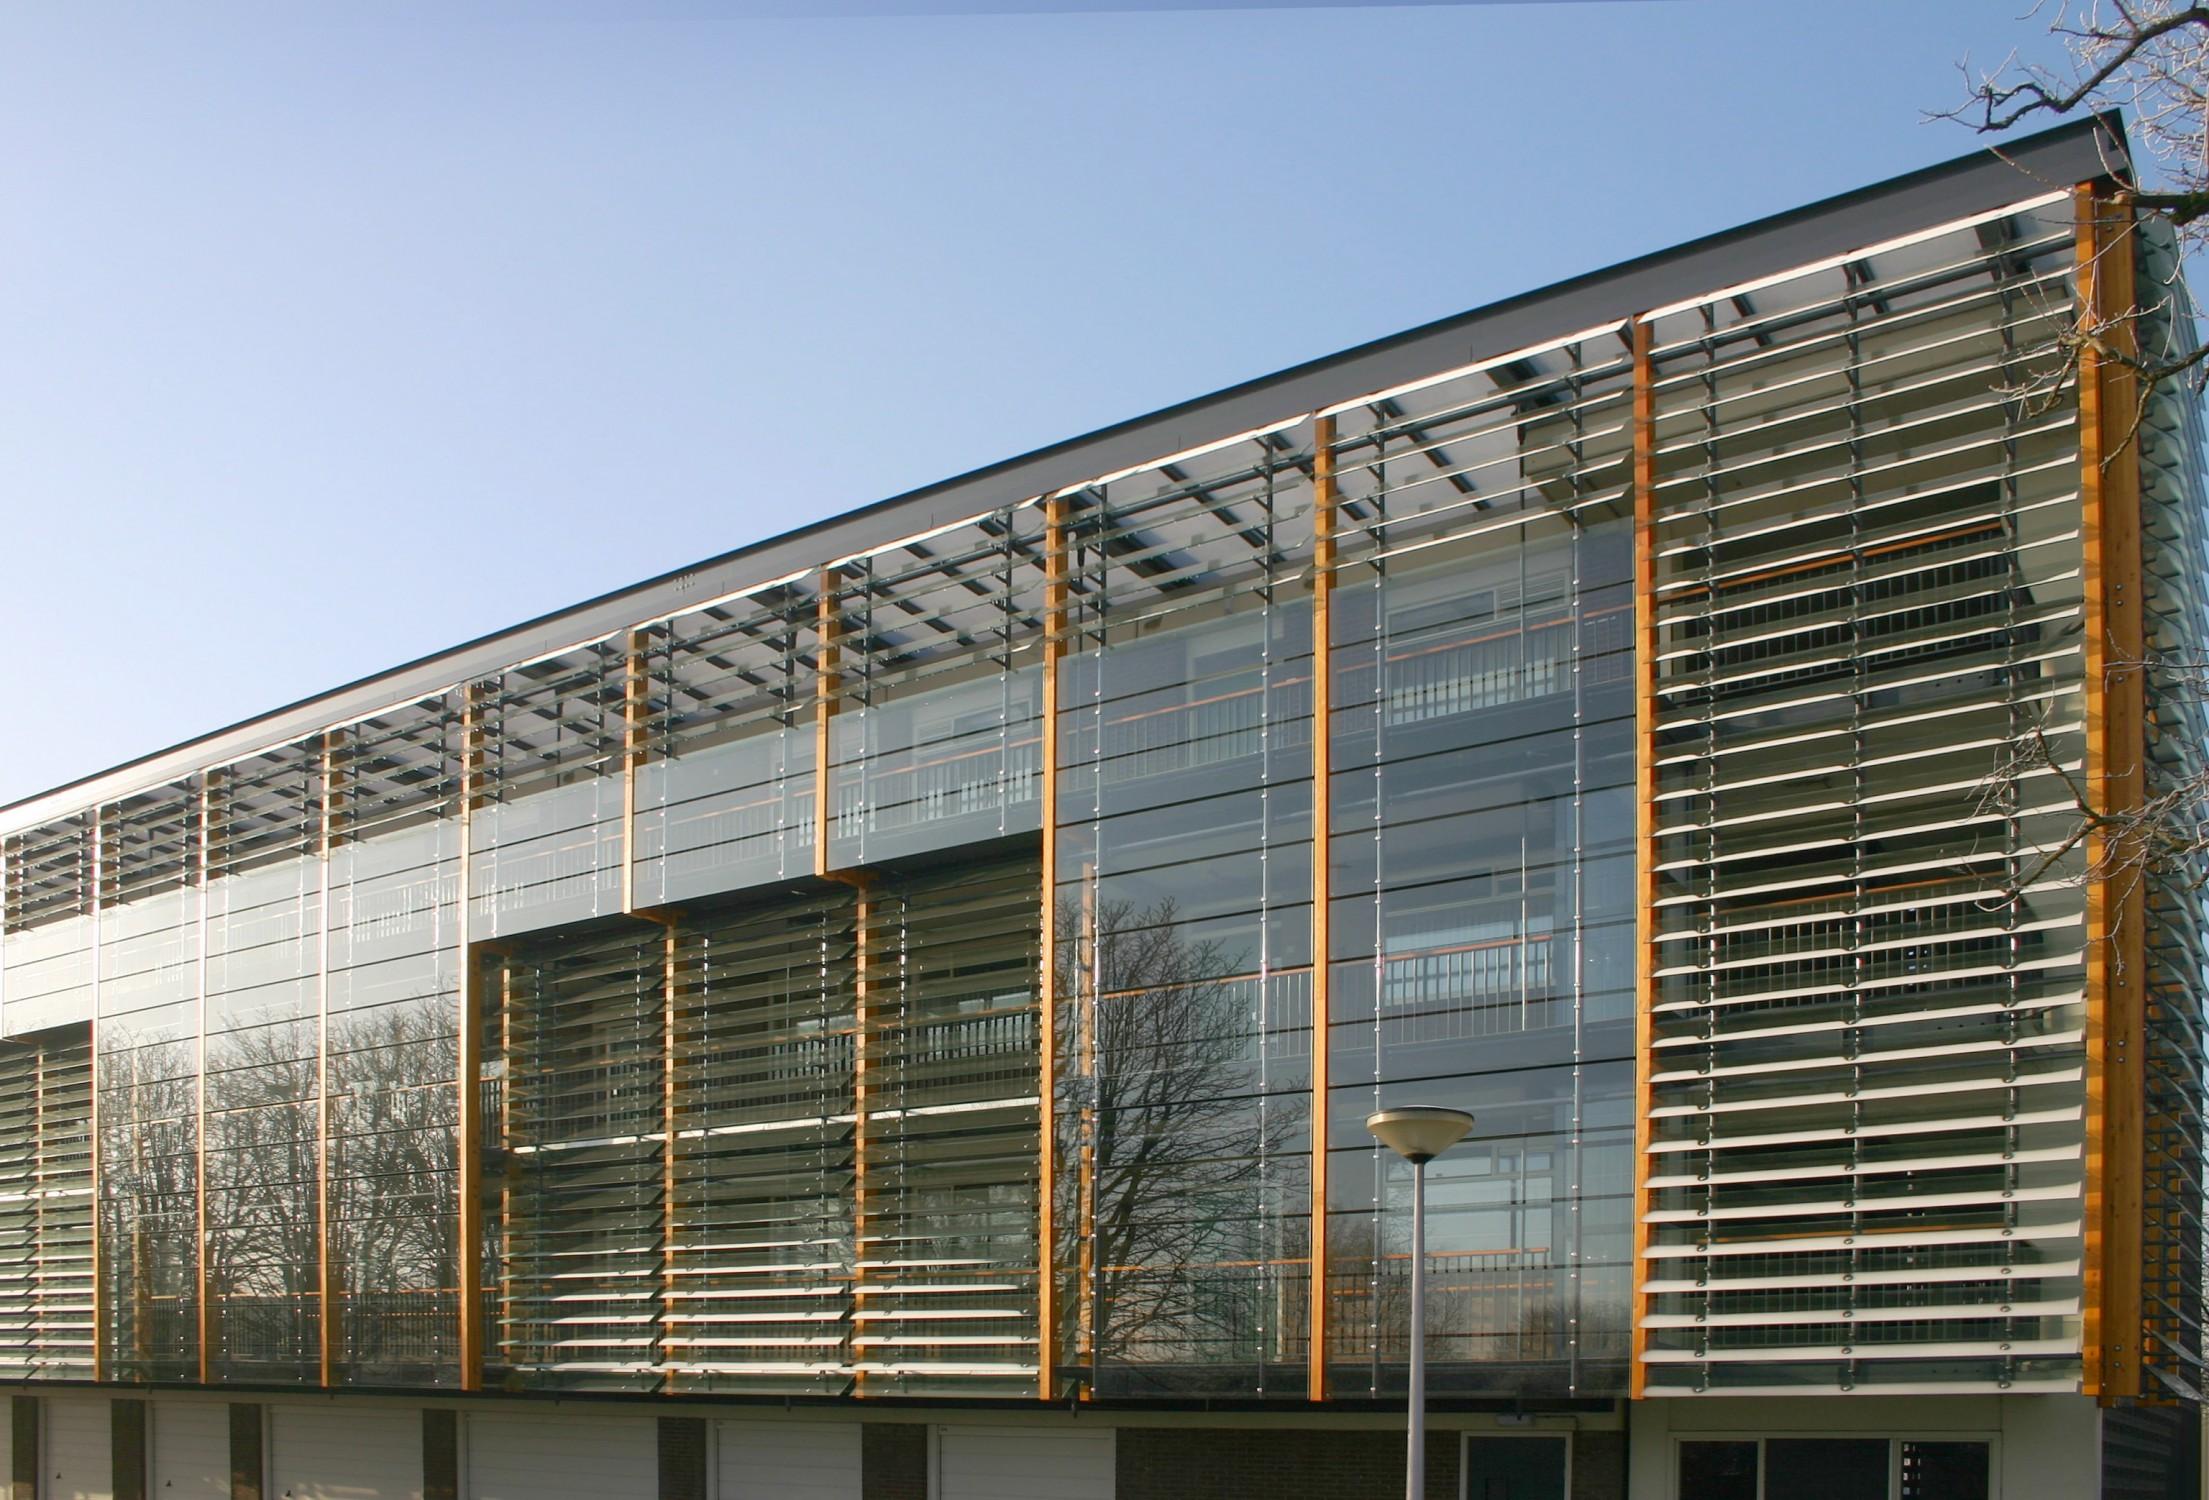 Deplaten a3 architecten for Gulden interieur rotterdam